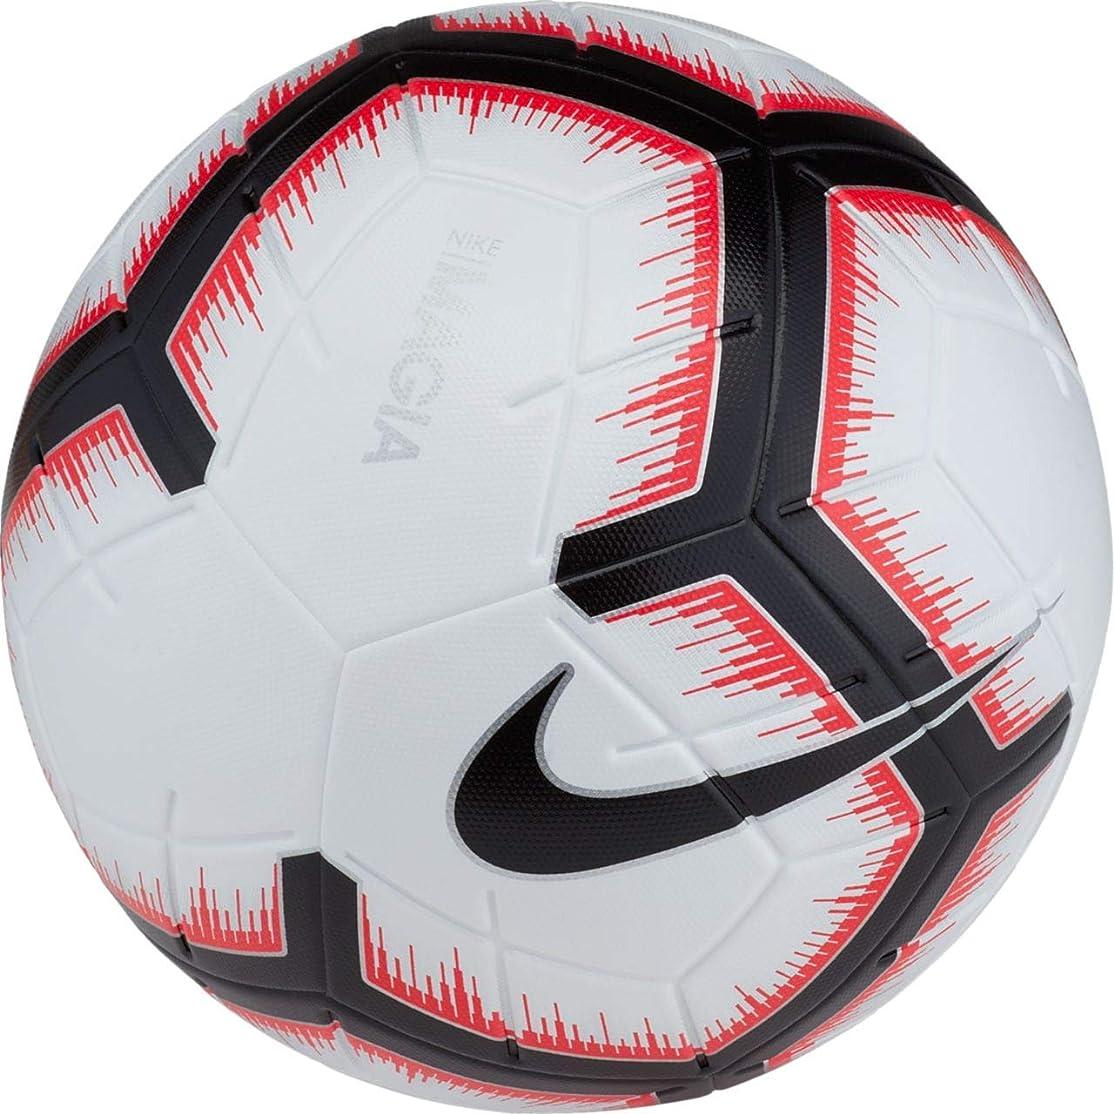 インゲンゆりサンダルナイキ サッカーボール 5号球 マジア SC3321-100 FA18WHTBLK 5